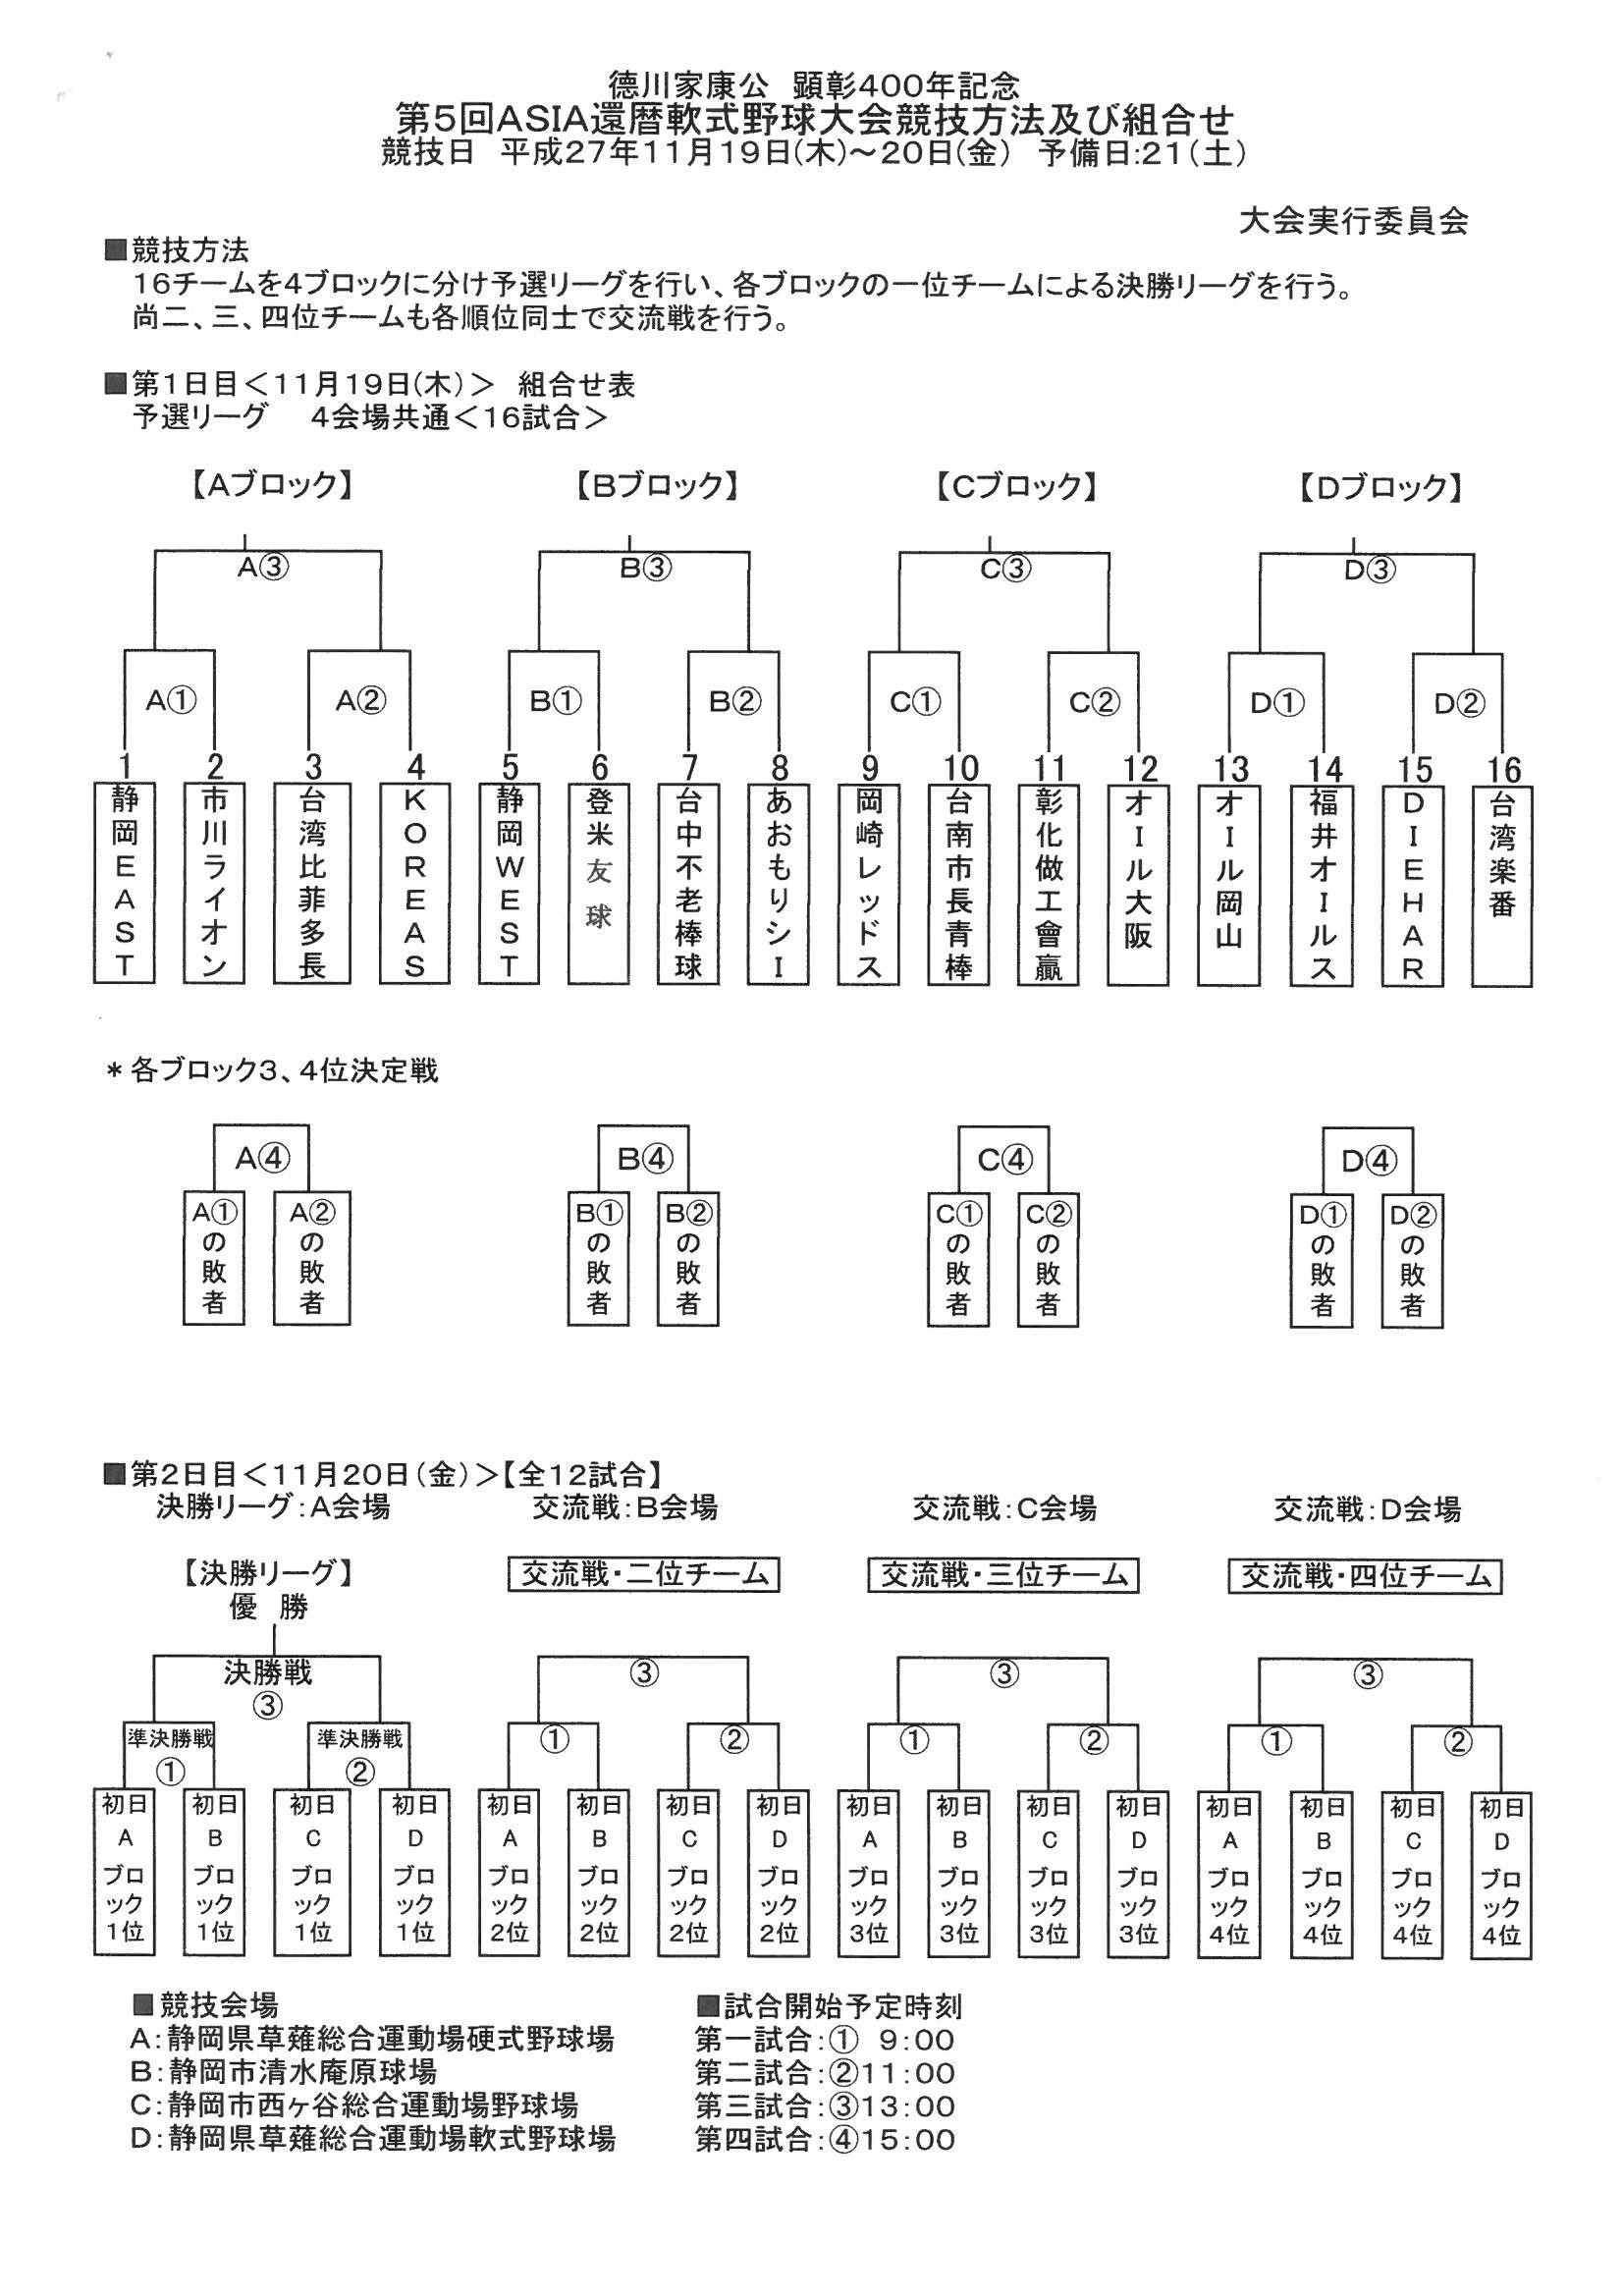 S28C-6e15092616440_0001.jpg